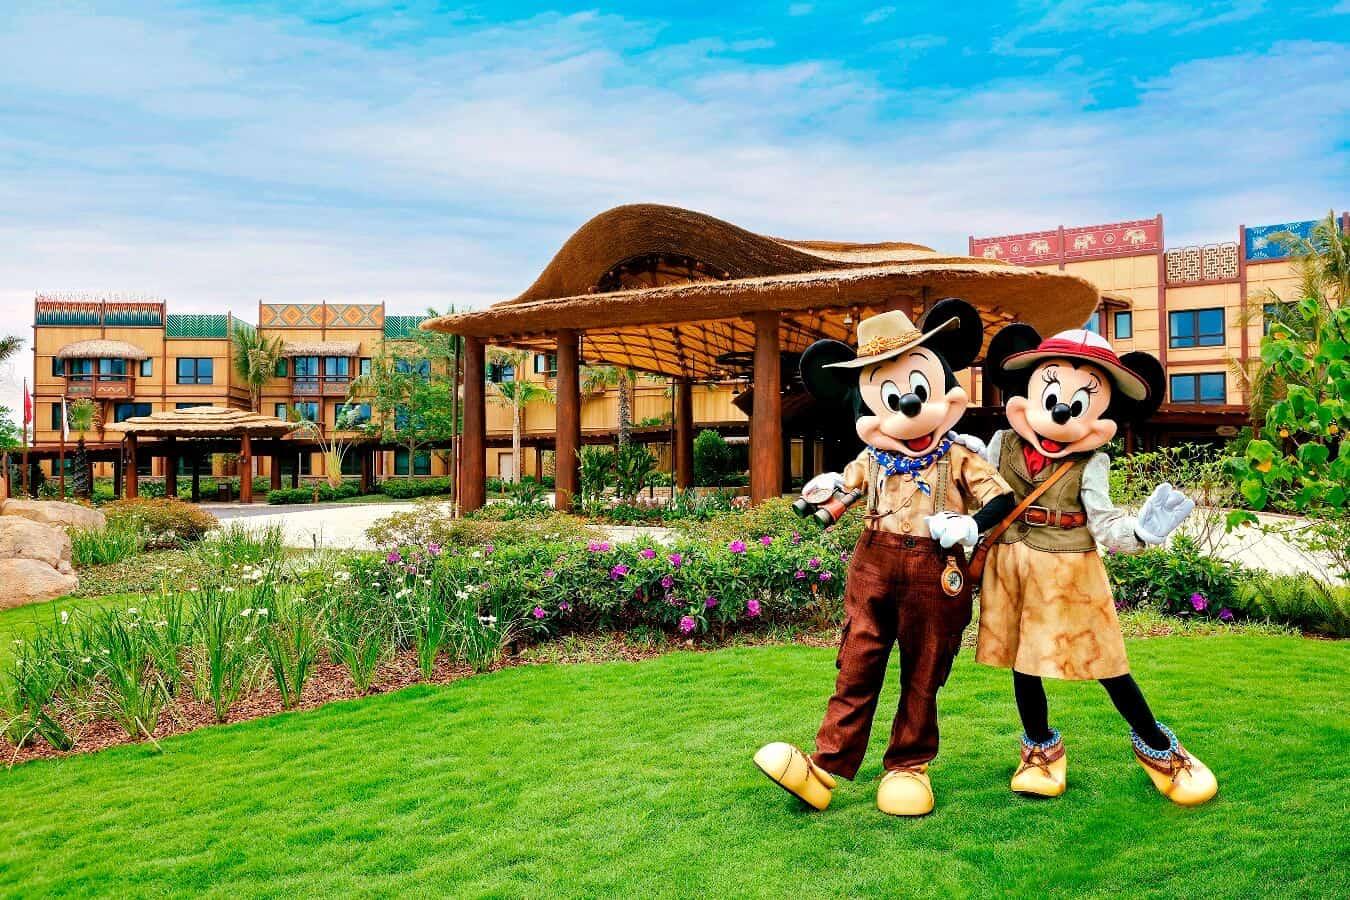 Should I stay at a Hong Kong Disneyland Hotel